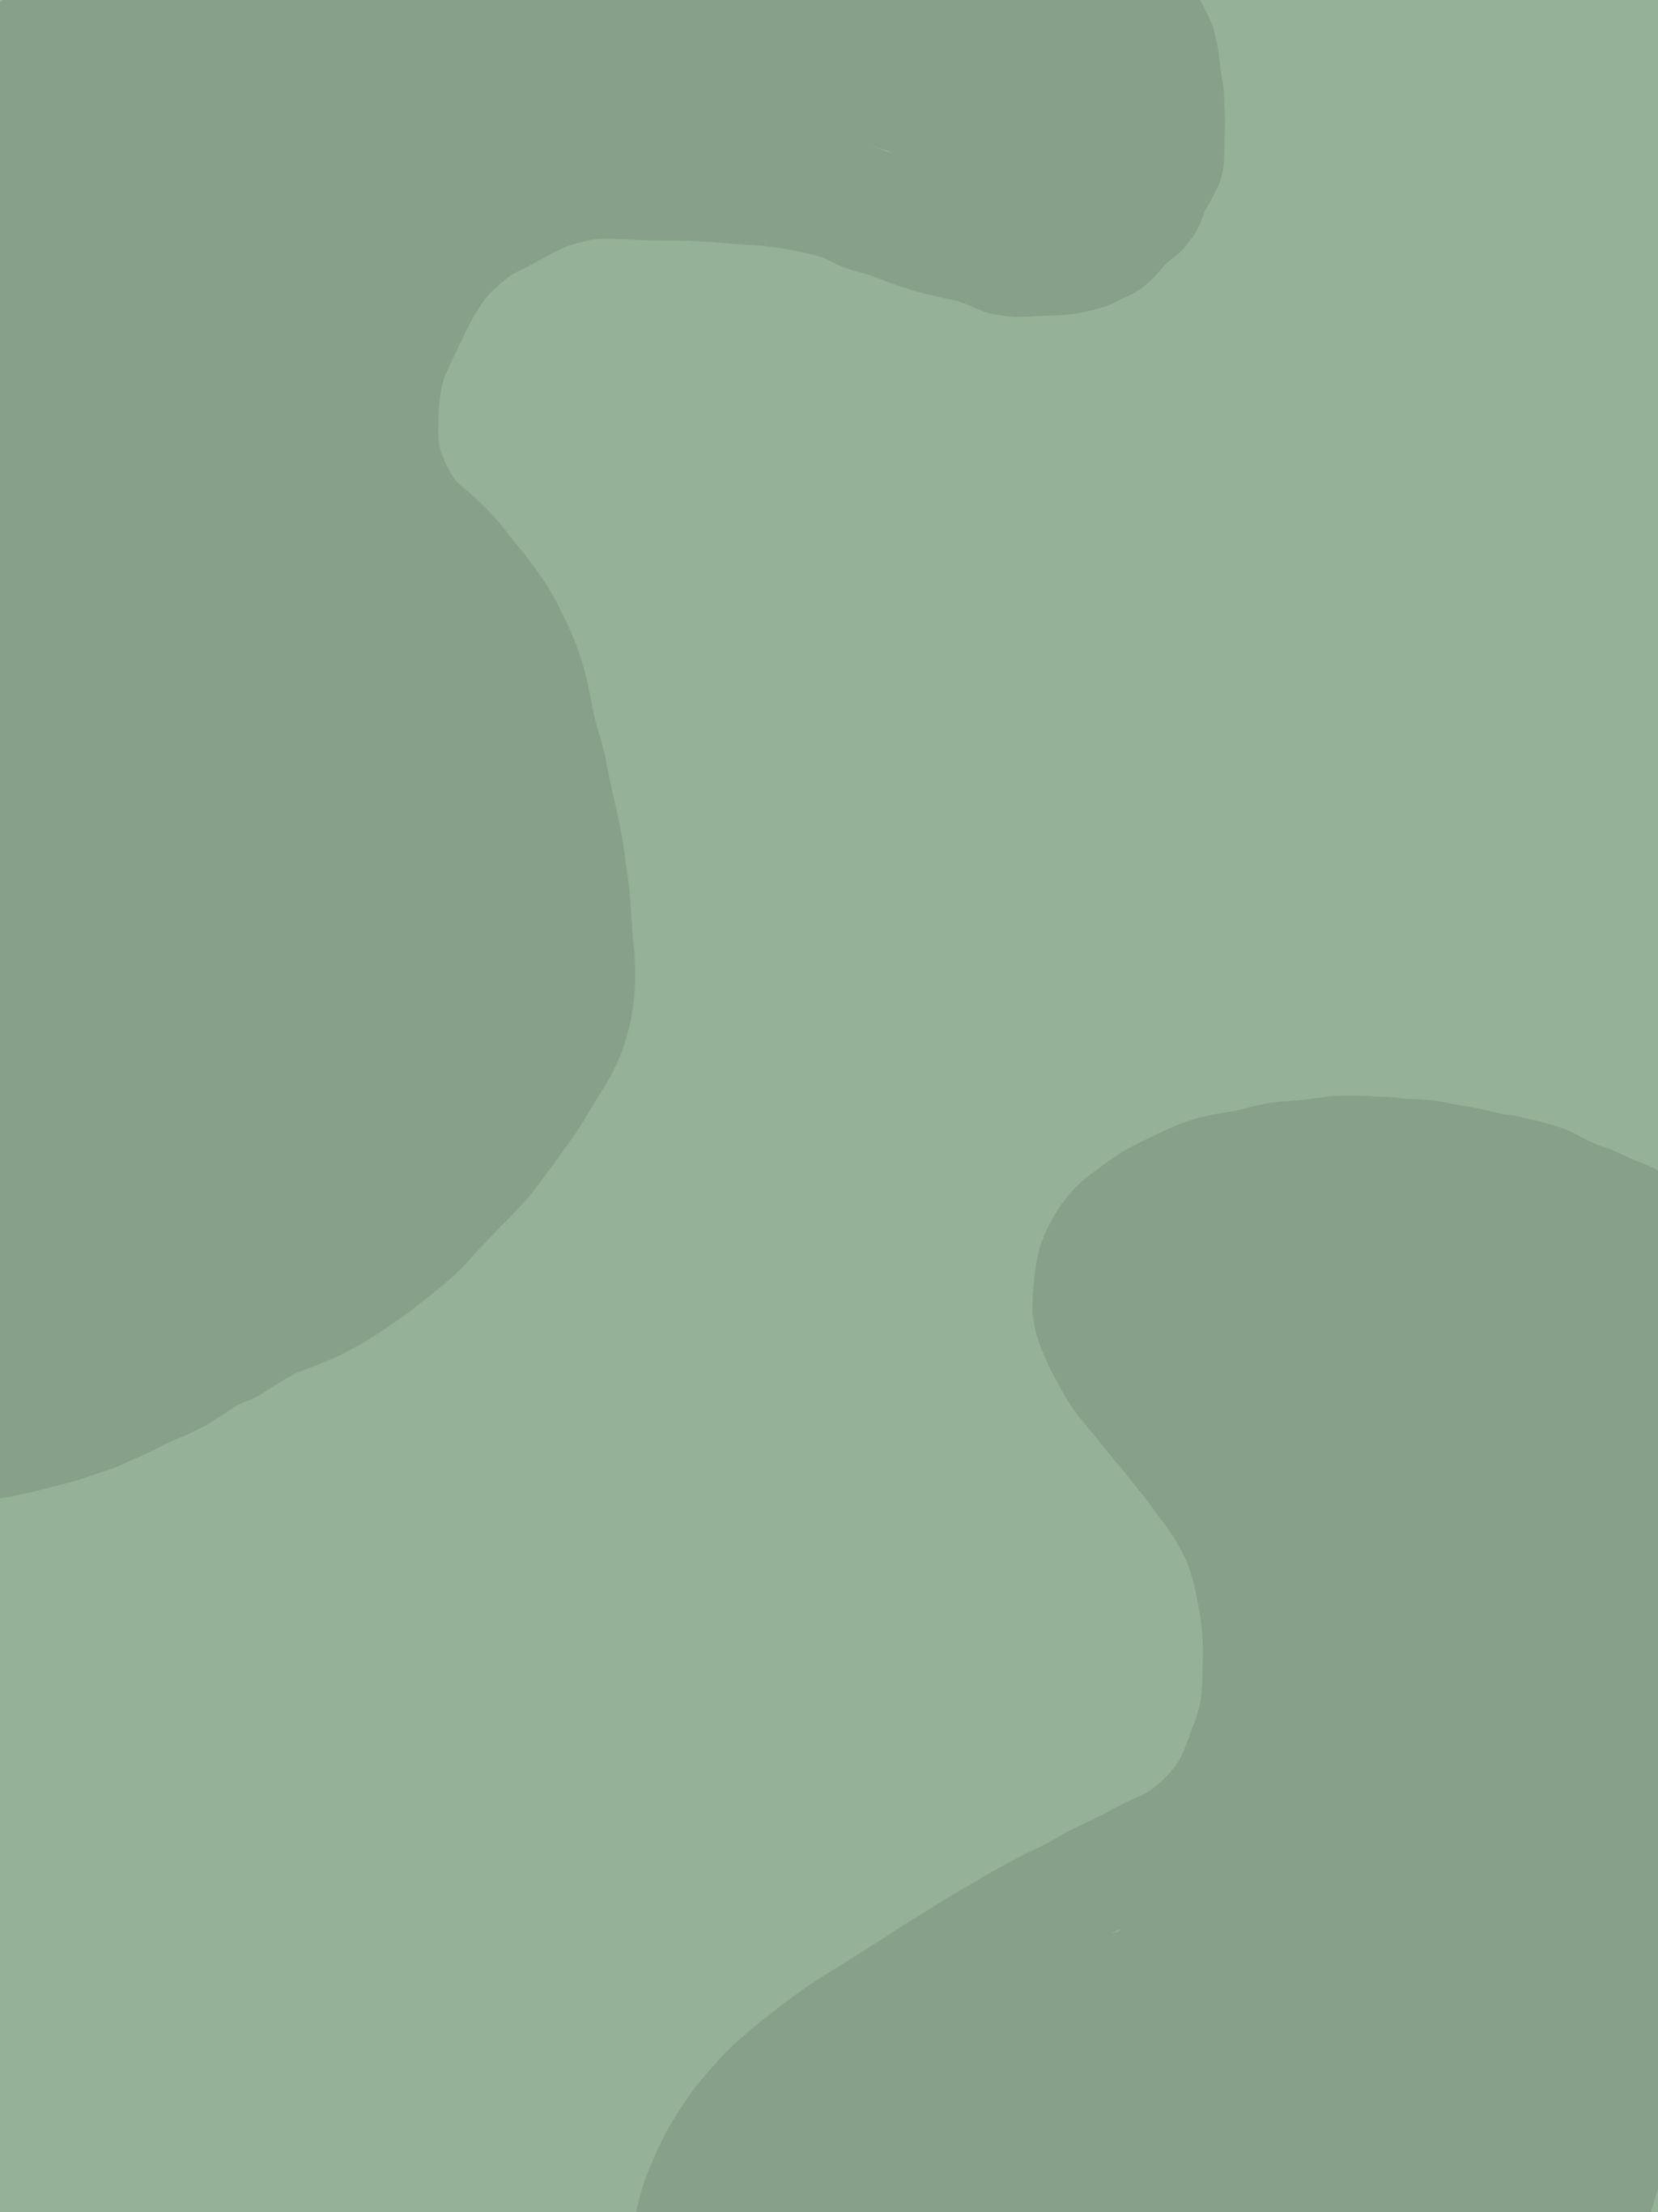 2048x2732 Hình nền thẩm mỹ màu xanh lá cây Sage vào năm 2021. Hình nền màu xanh lá cây Sage, Thẩm mỹ màu xanh lá cây, Hình nền đẹp